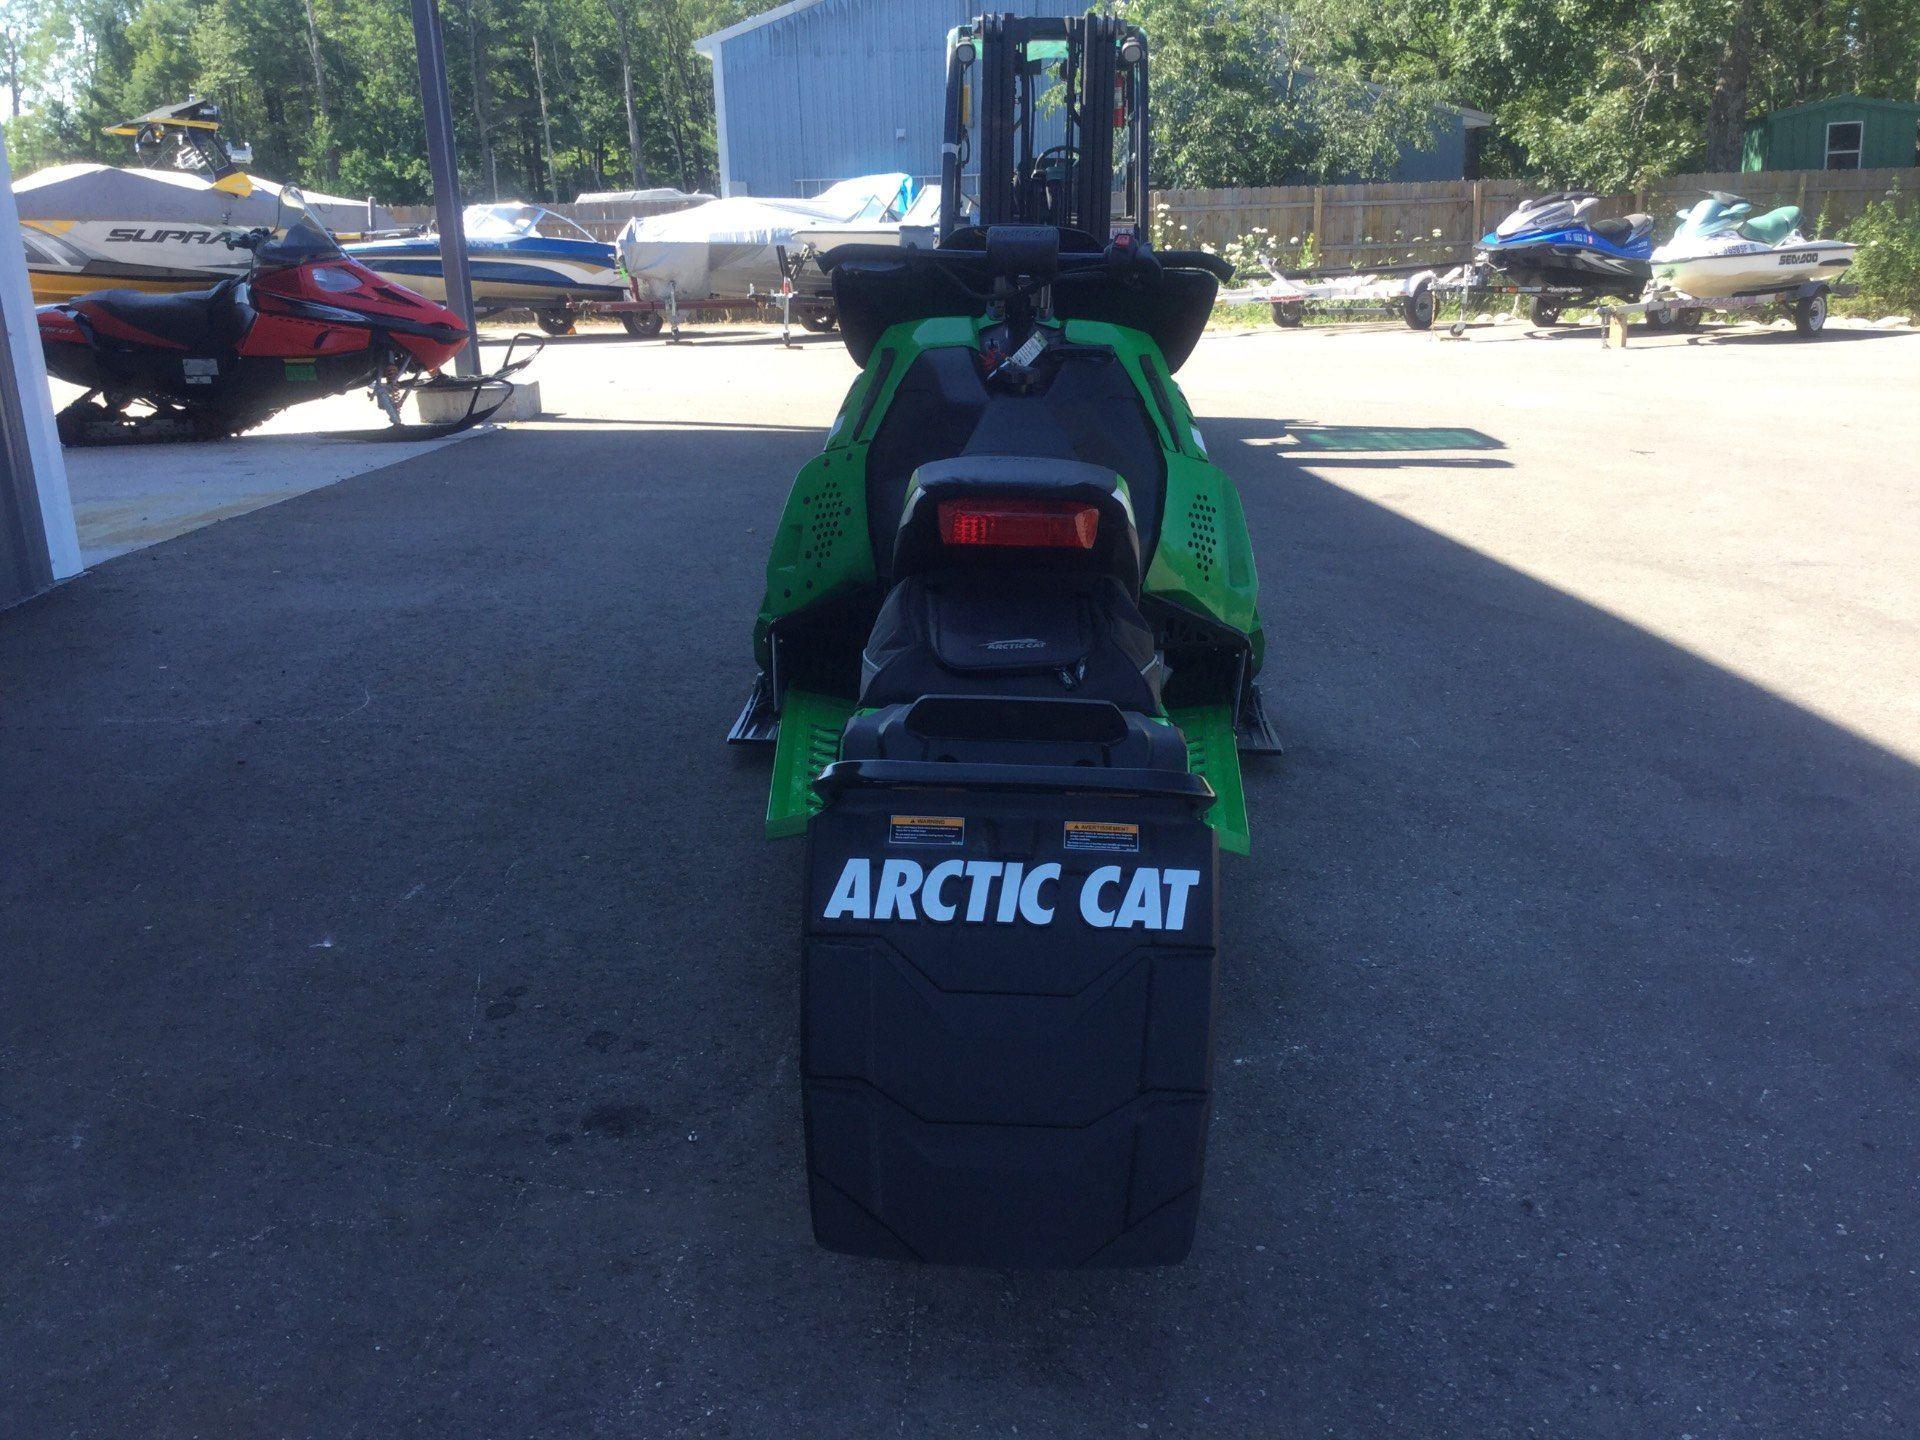 2014 Arctic Cat Sno Pro 500 6